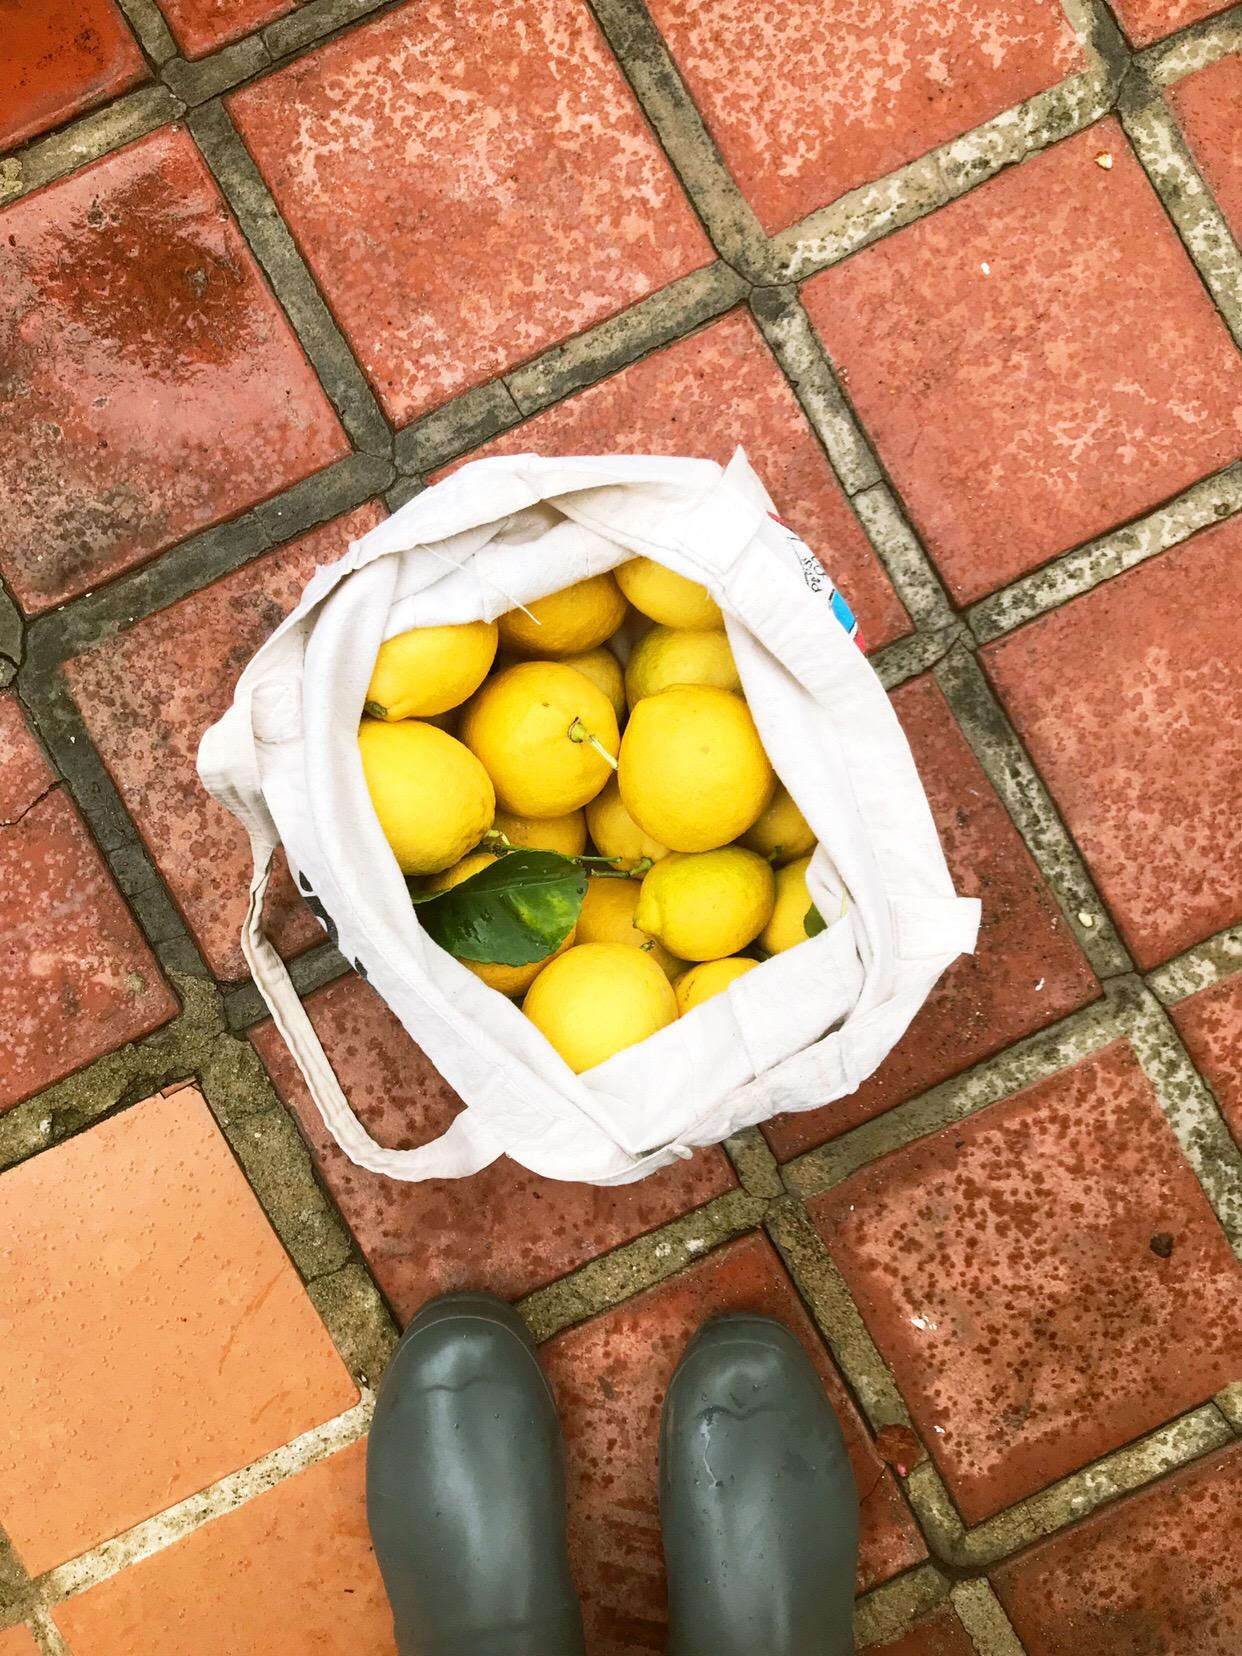 Lemon_Harvest.JPG